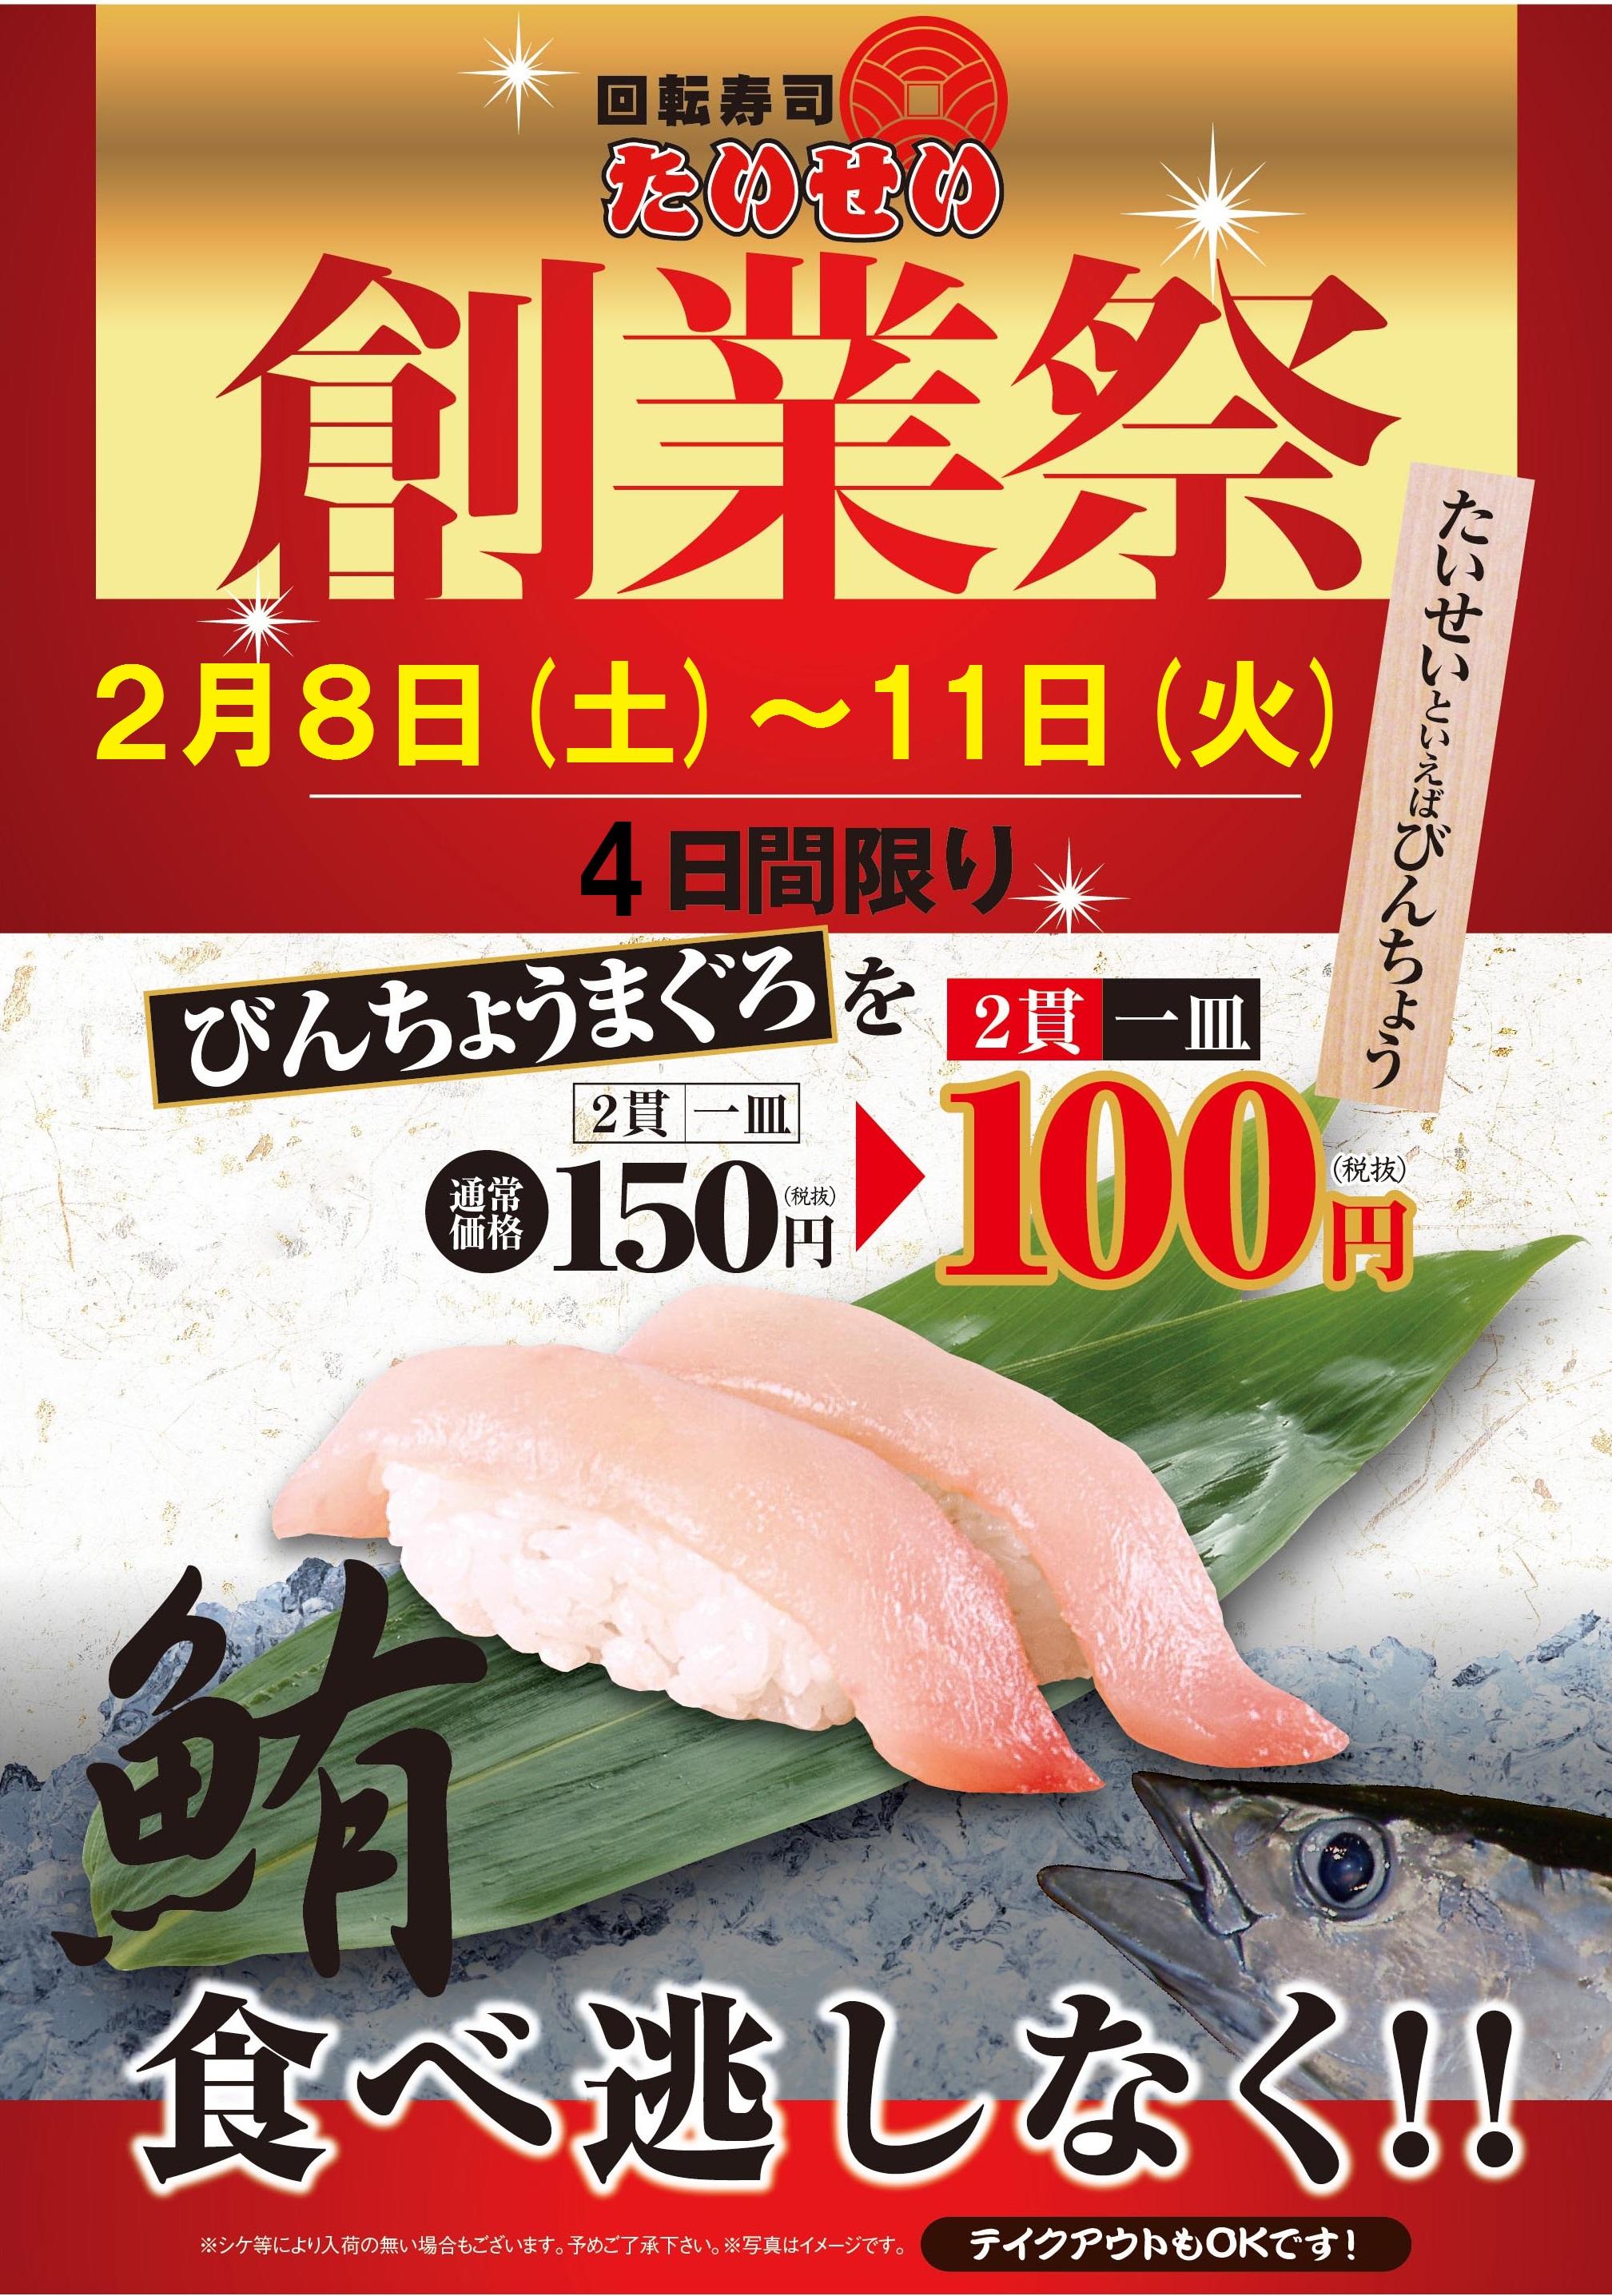 創業祭!びんちょうまぐろ100円!